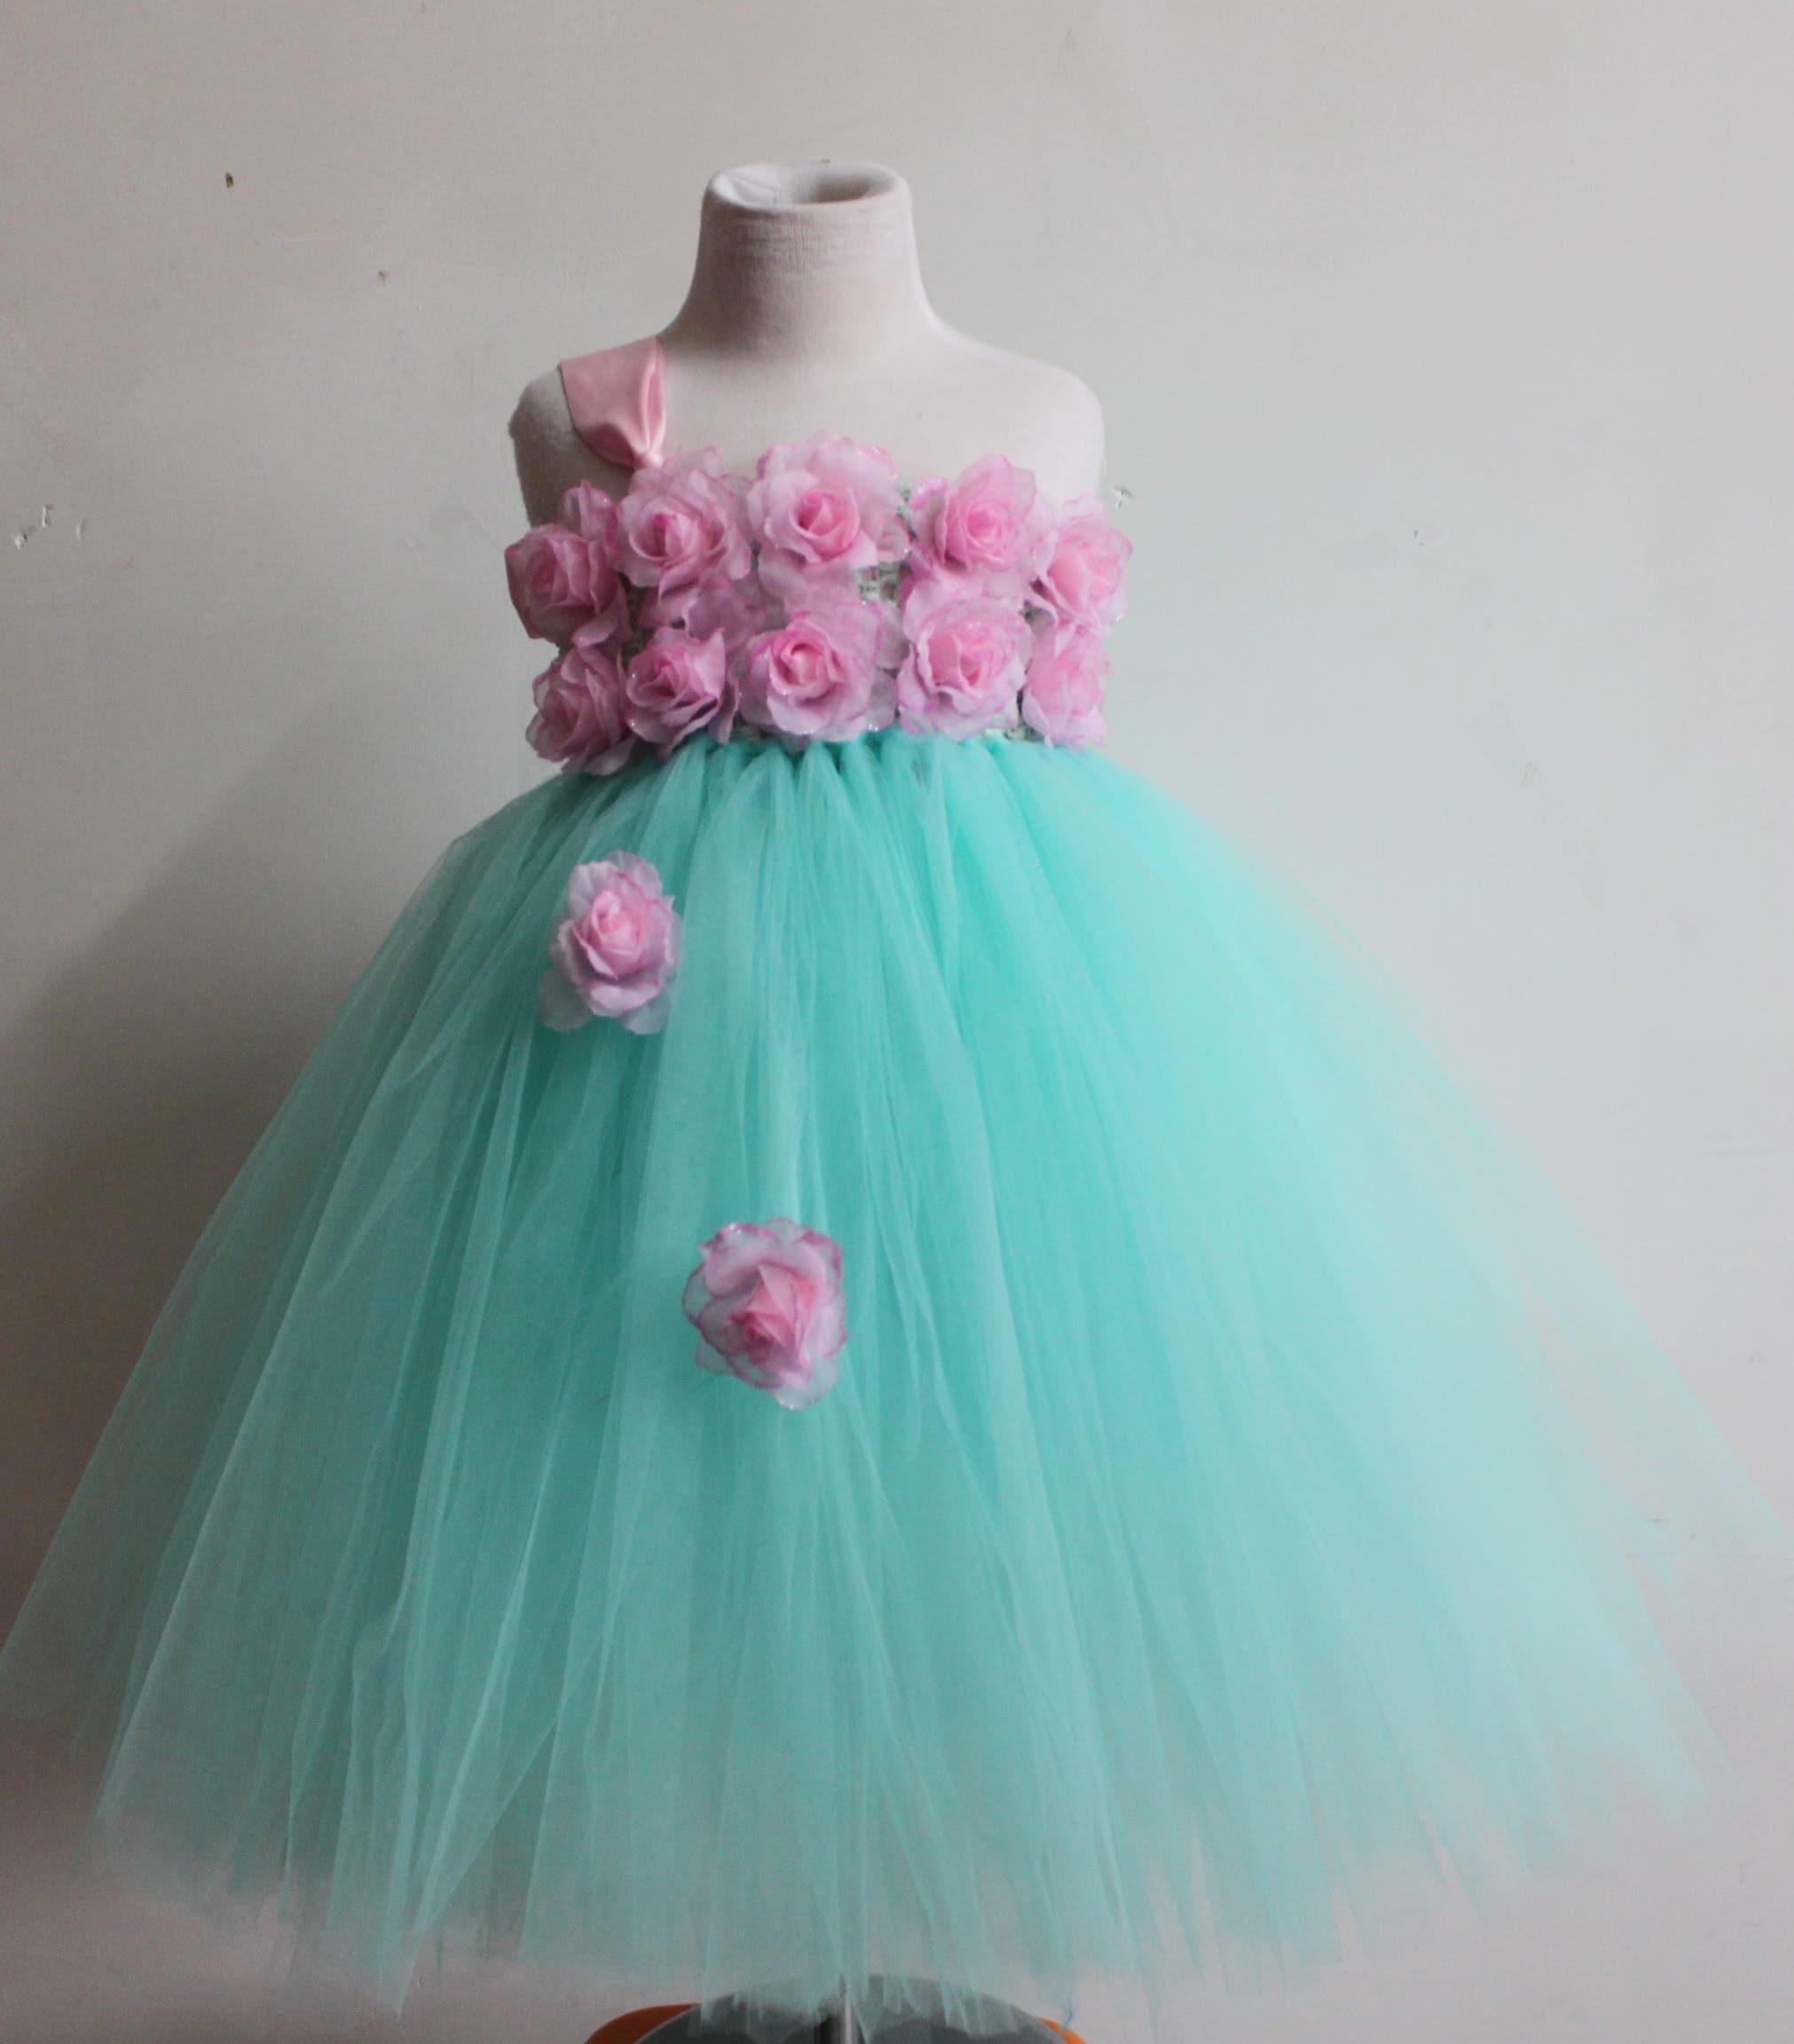 Сшить платье из фатина для девочки на выпускной